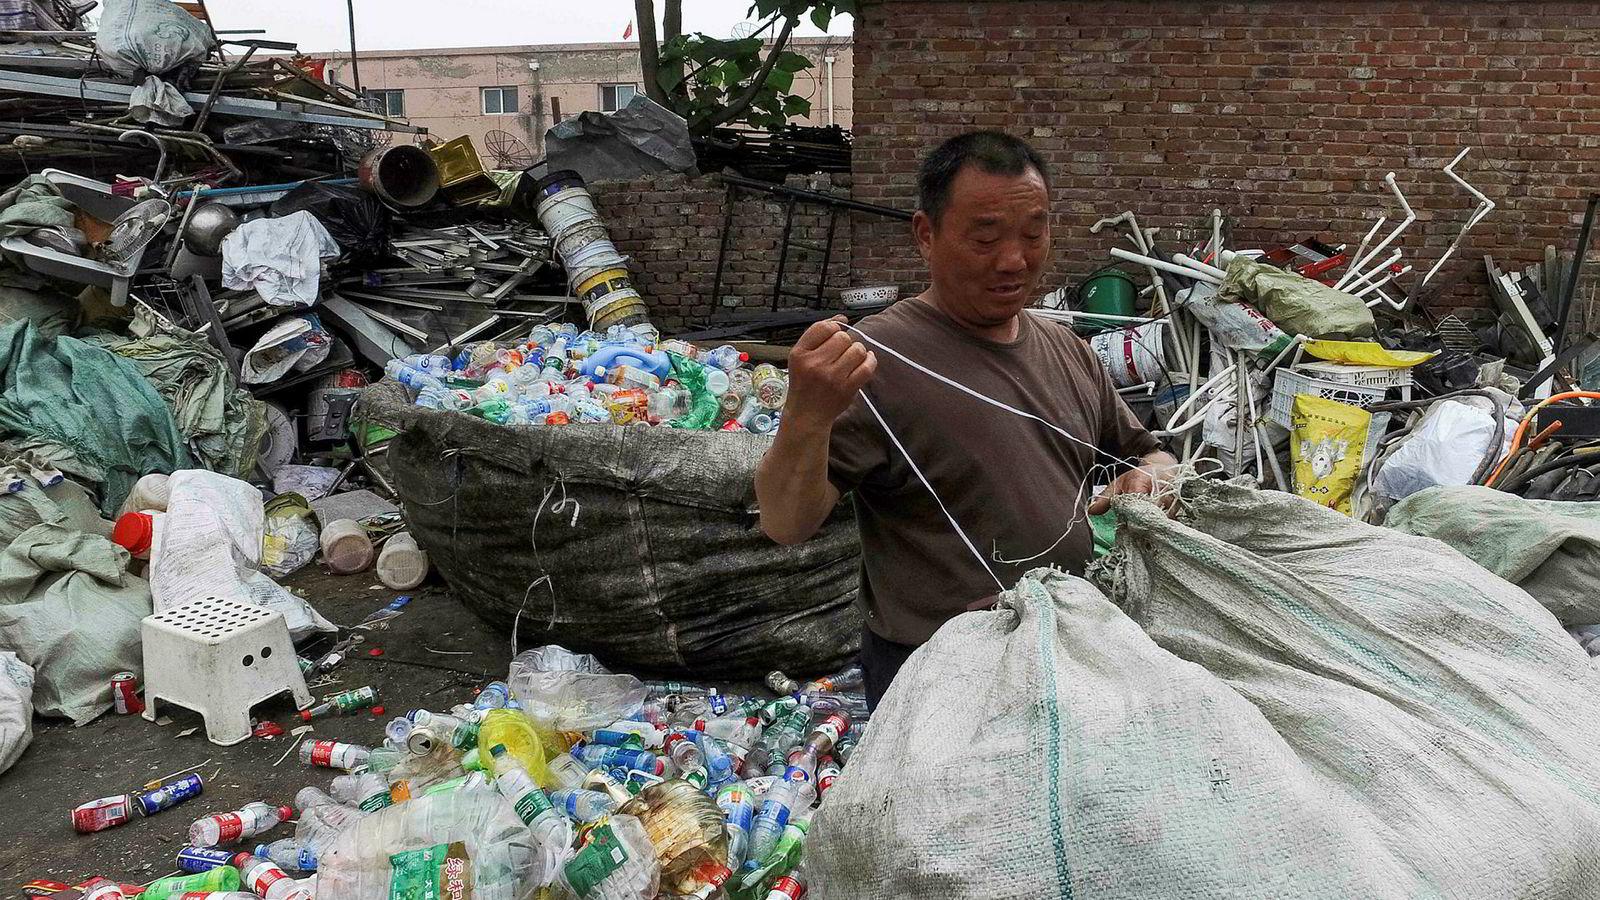 Kina har tatt i mot palstavfall fra industriland i nesten 30 år. Nå er det slutt. Det er innført importforbud på nesten alt av plastavfall.